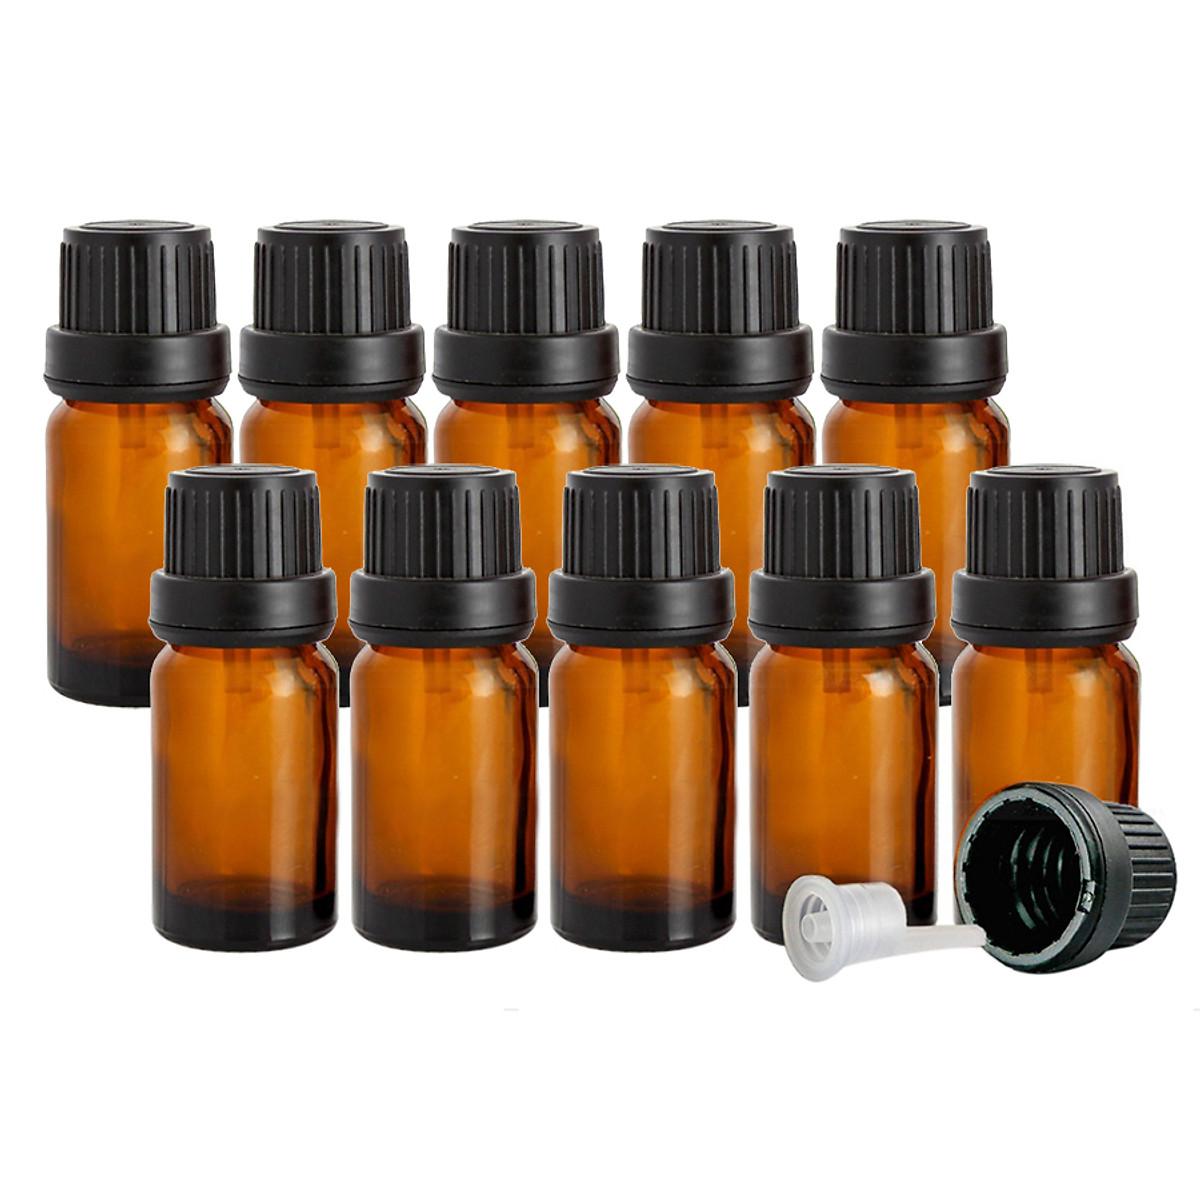 Vỏ chai tinh dầu 10ml